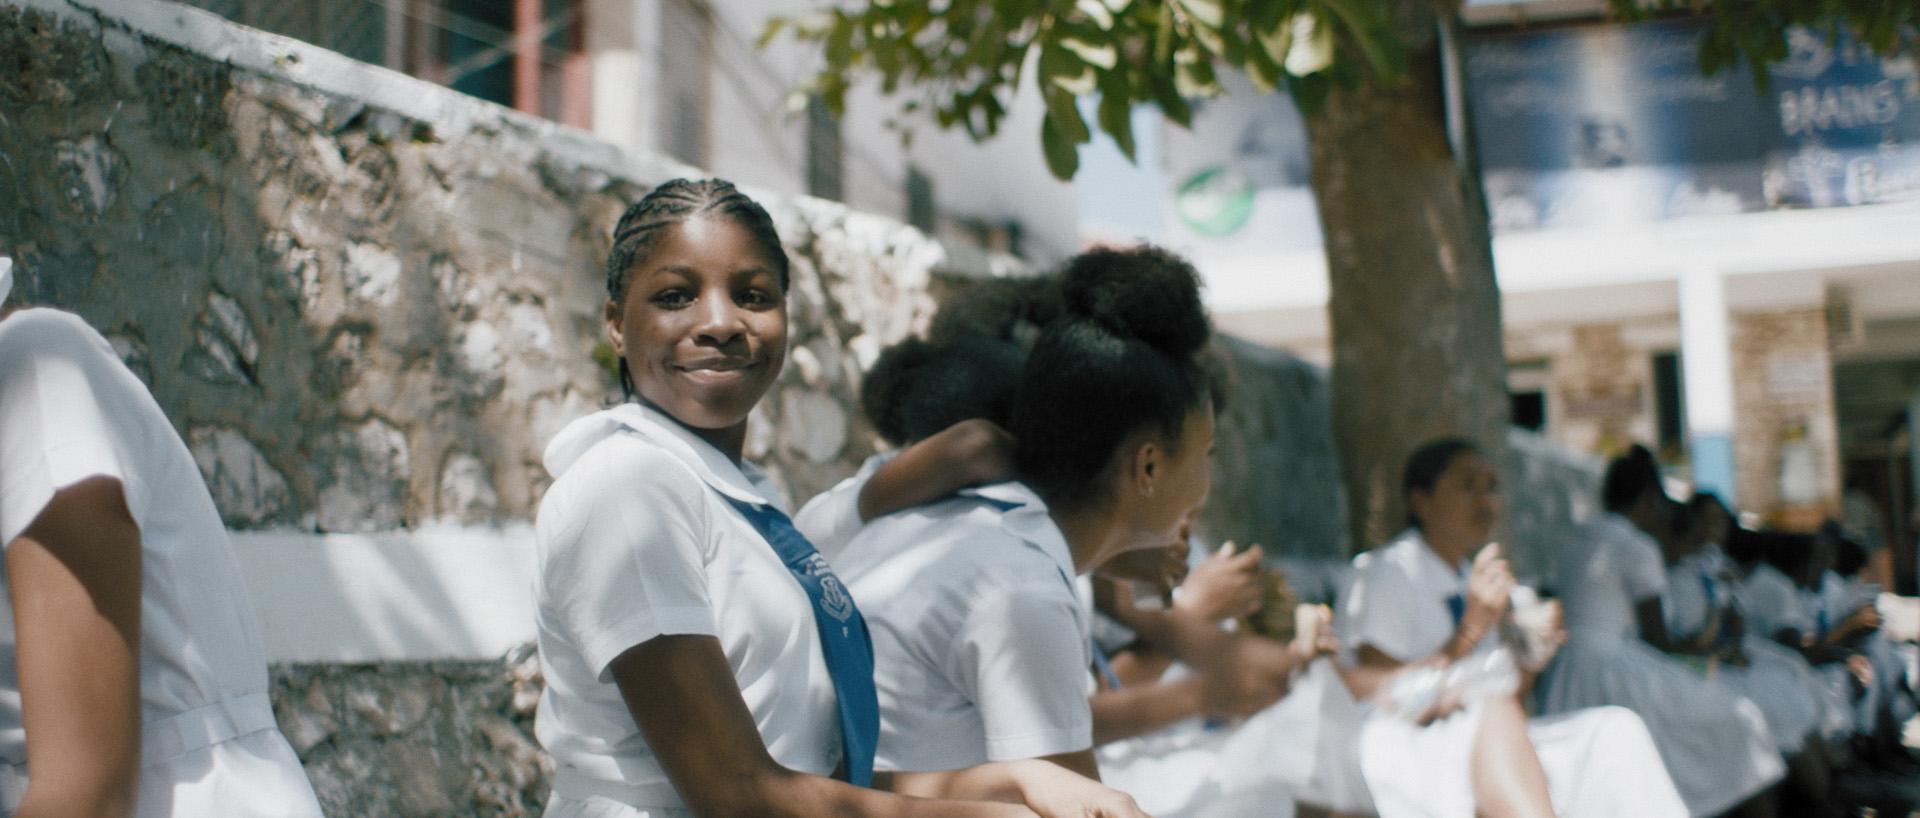 FIFA_Stills_Jamaica_1.1.12.jpg